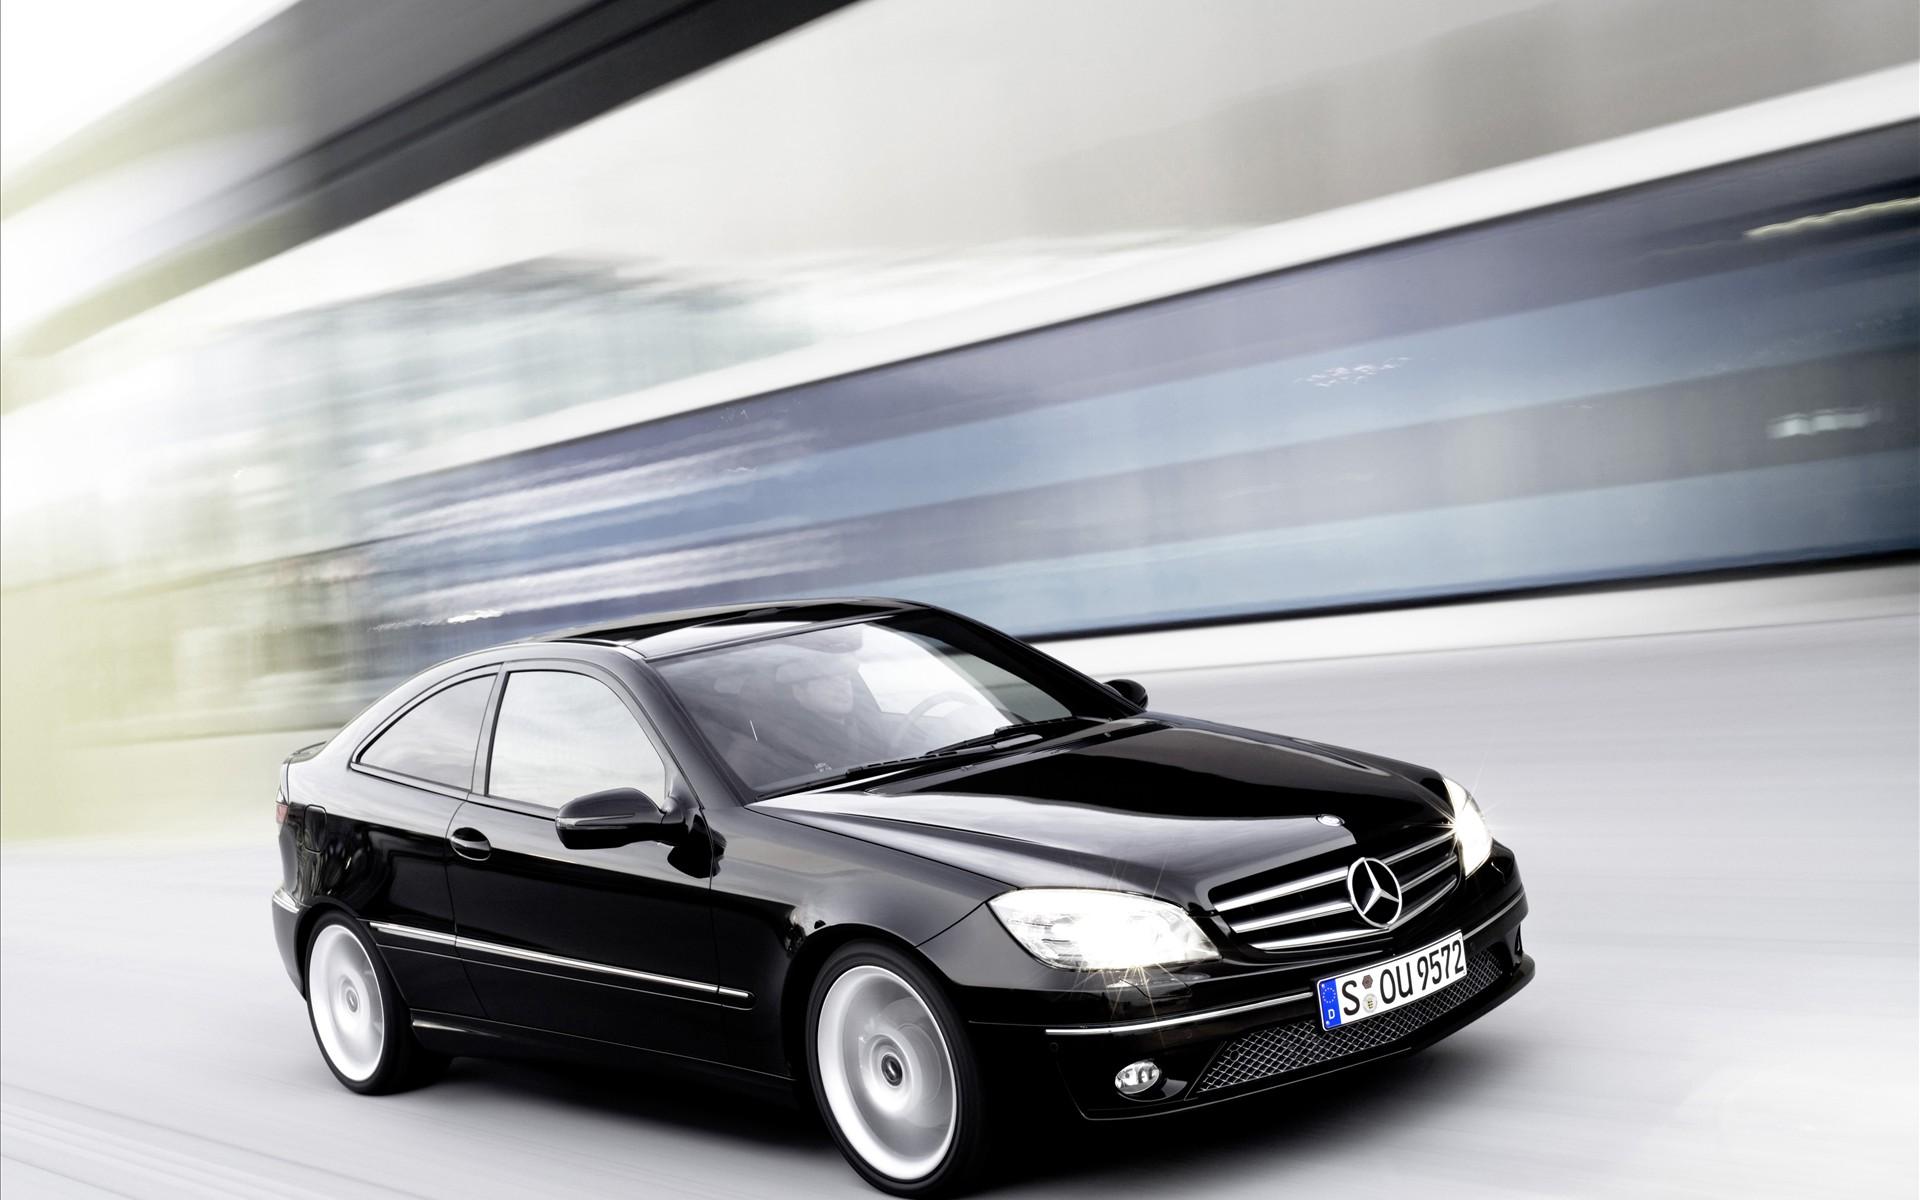 спортивный двухдверный хэтчбек Mercedes CLC